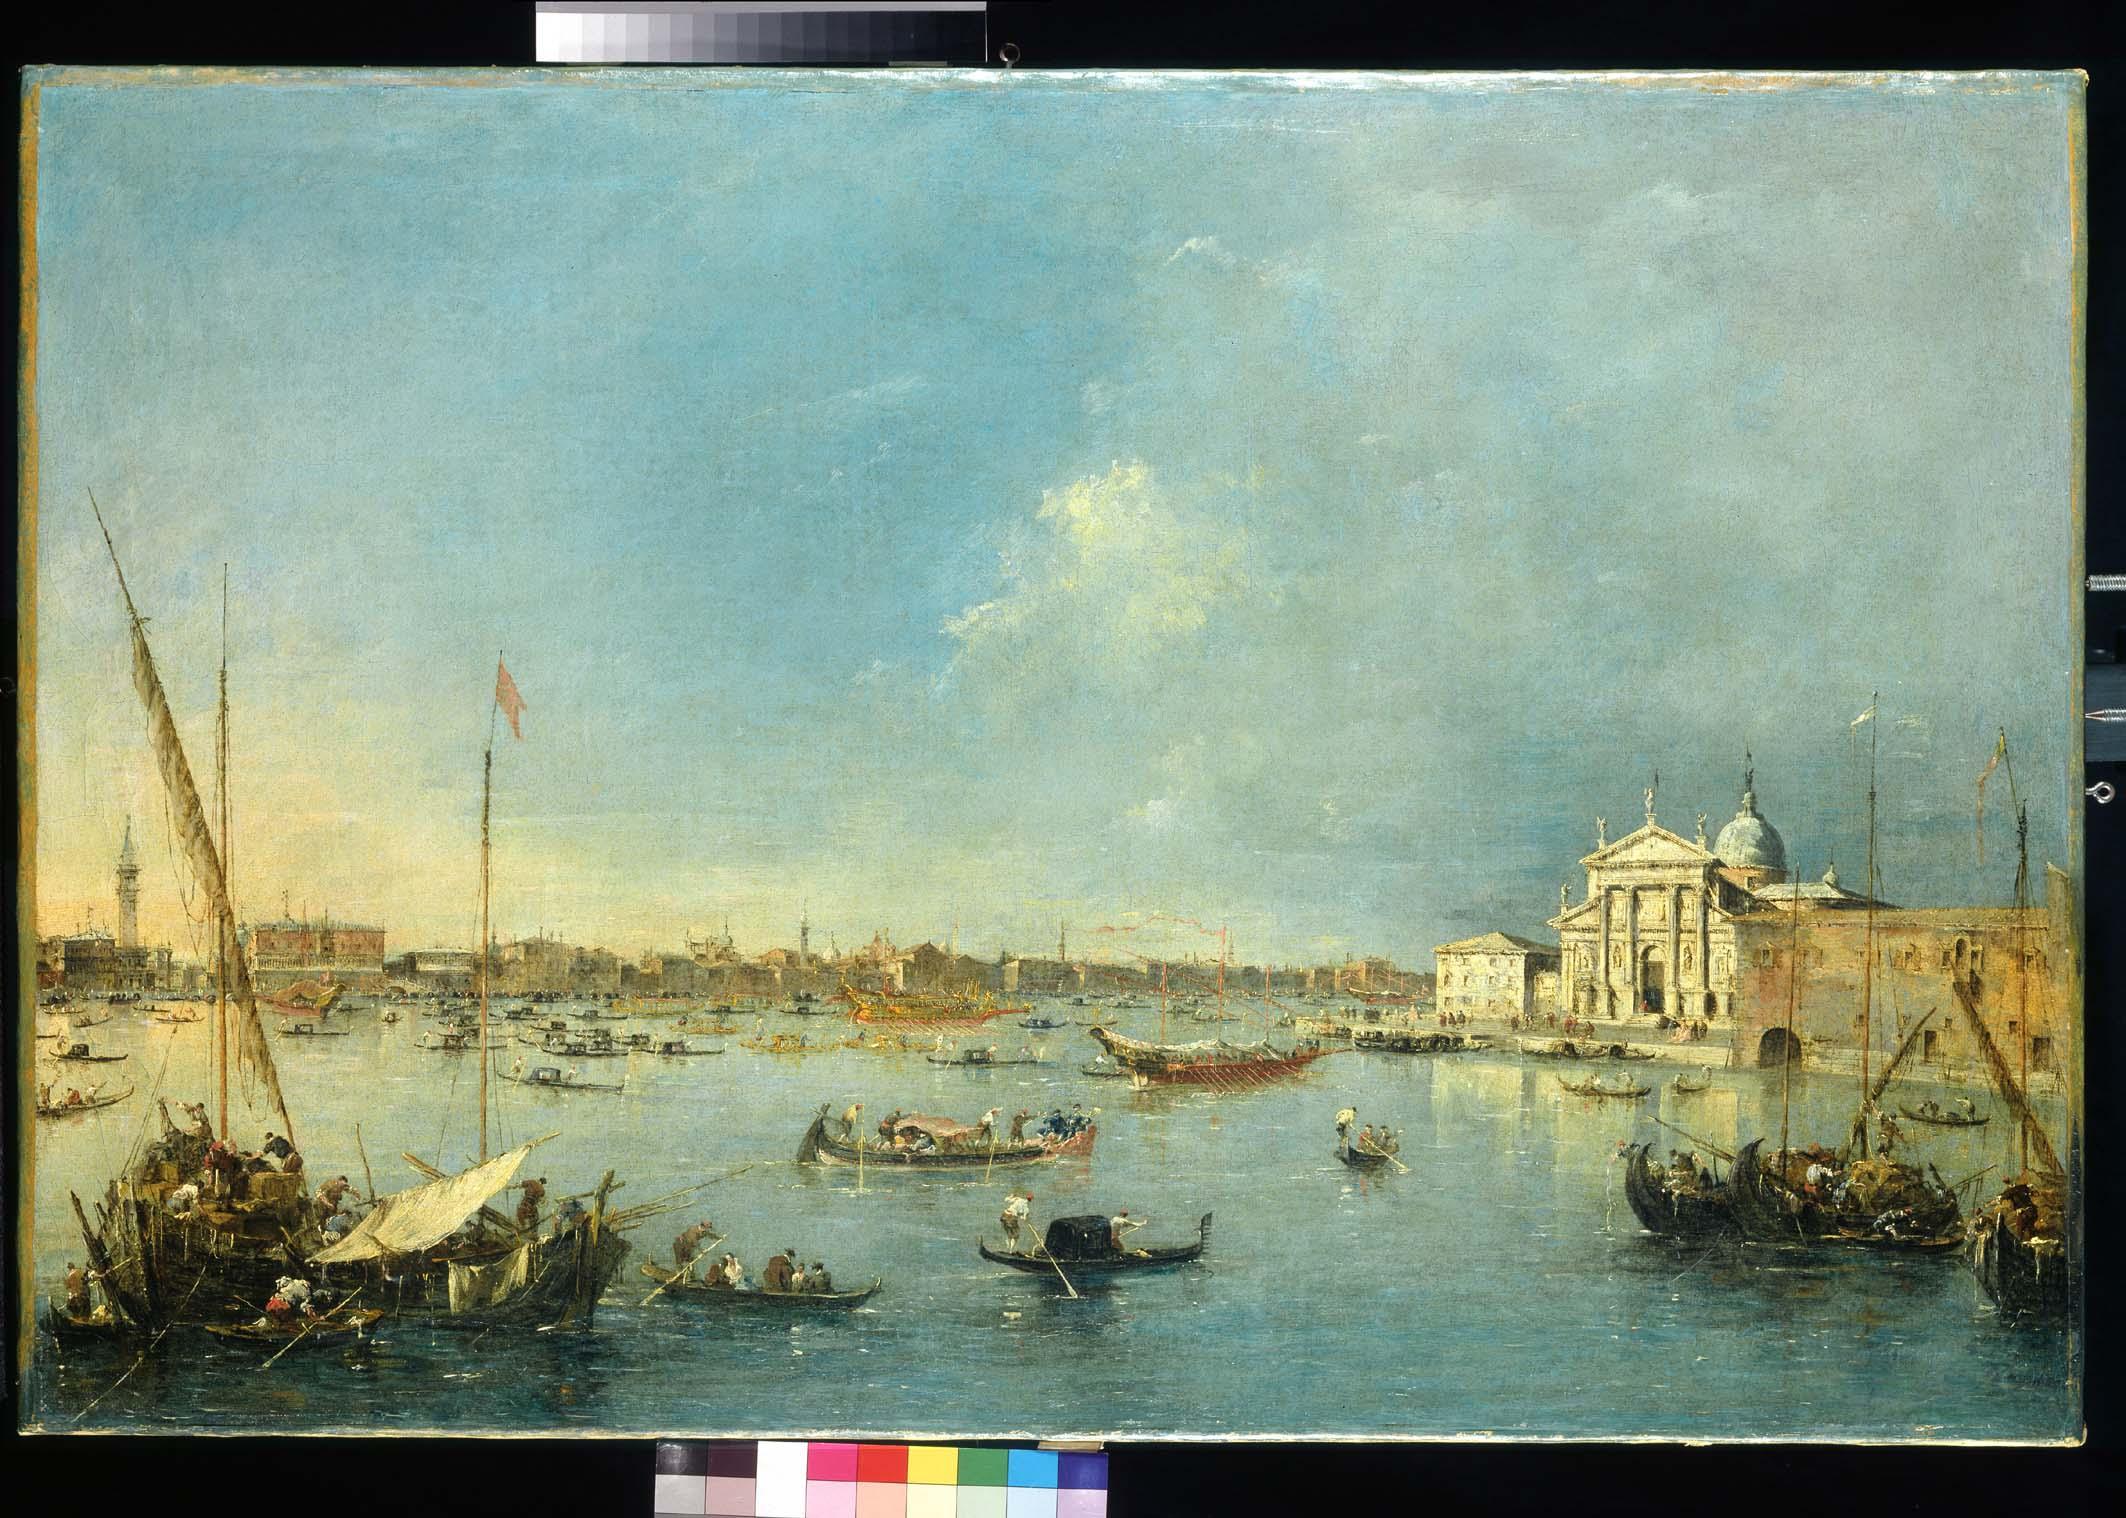 Roma – Presentata la retrospettiva di Francesco Guardi 1712 – 1793